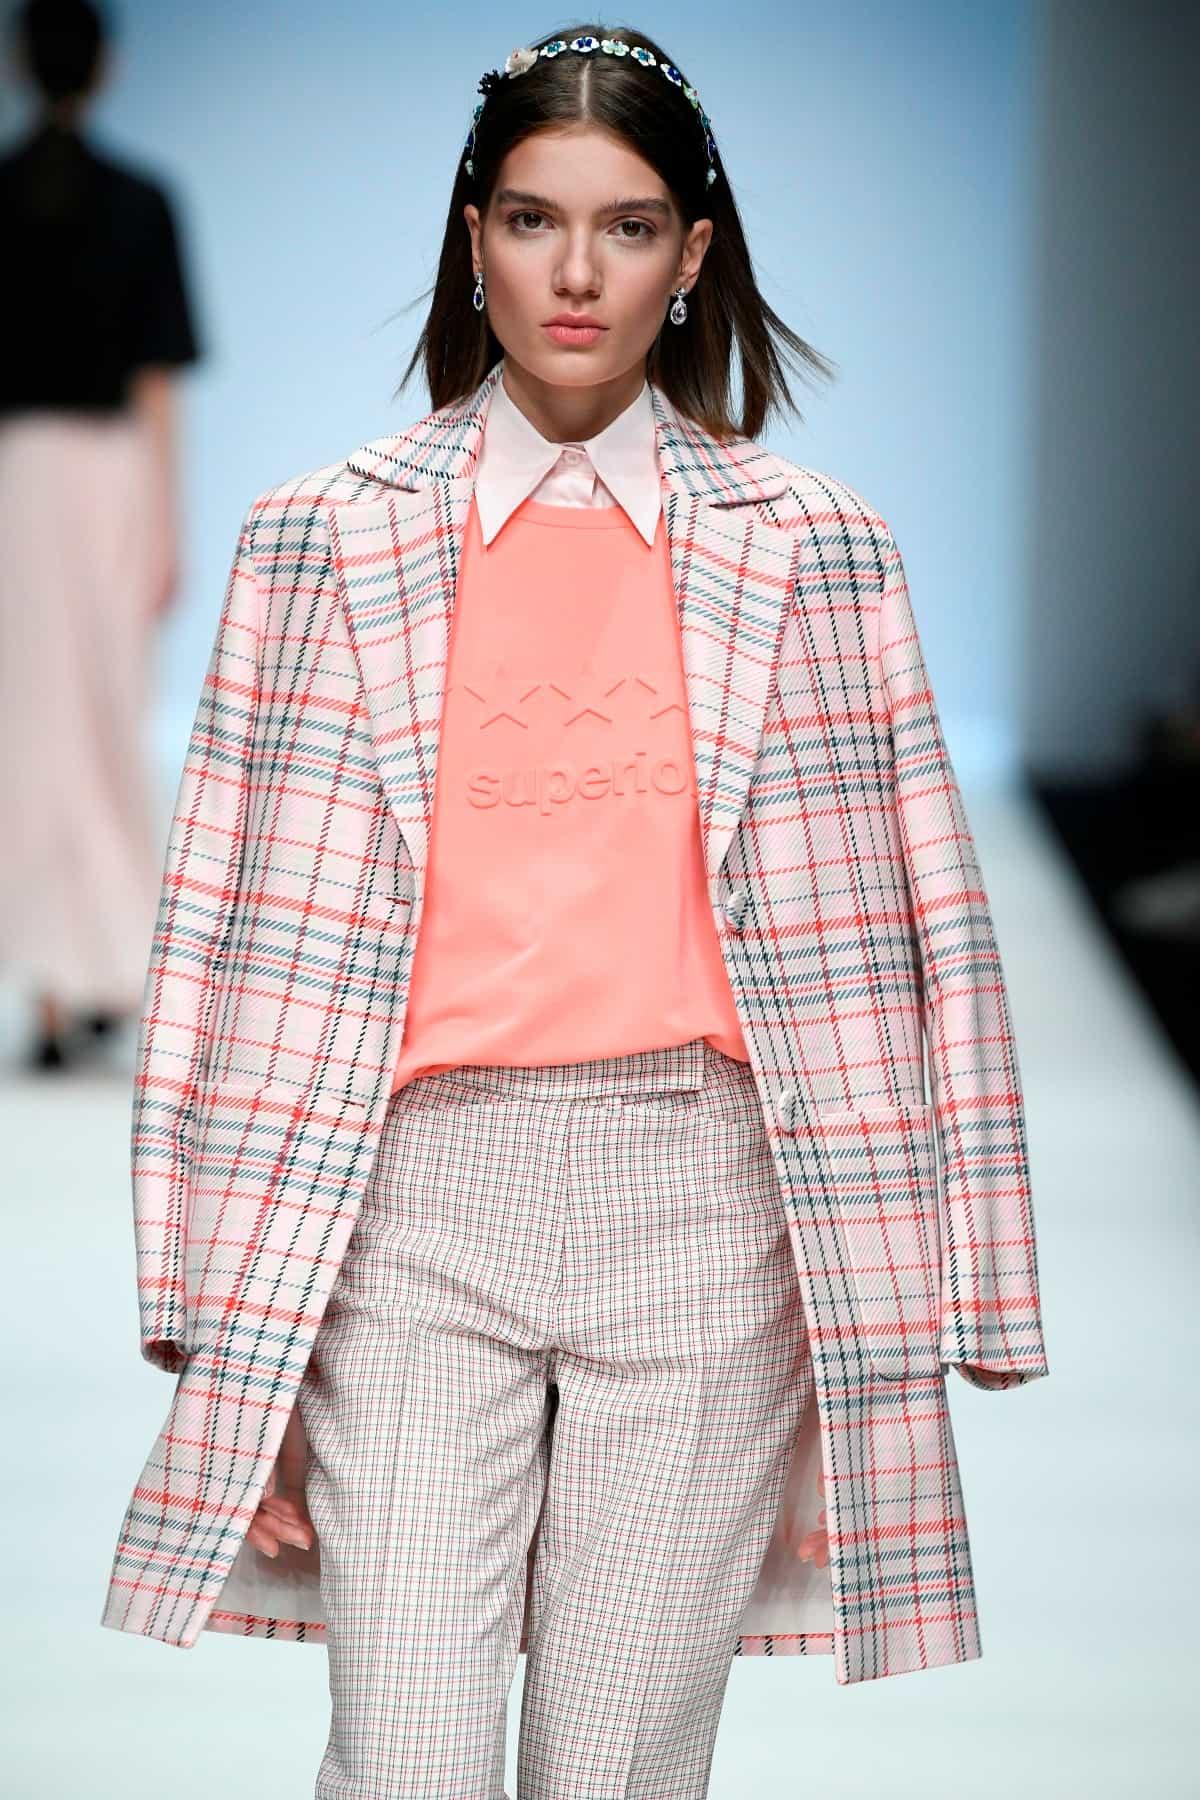 Mode von Riani Kollektion Frühjahr-Sommer 2020 zur Fashion Week Berlin im Juli 2019 - 1